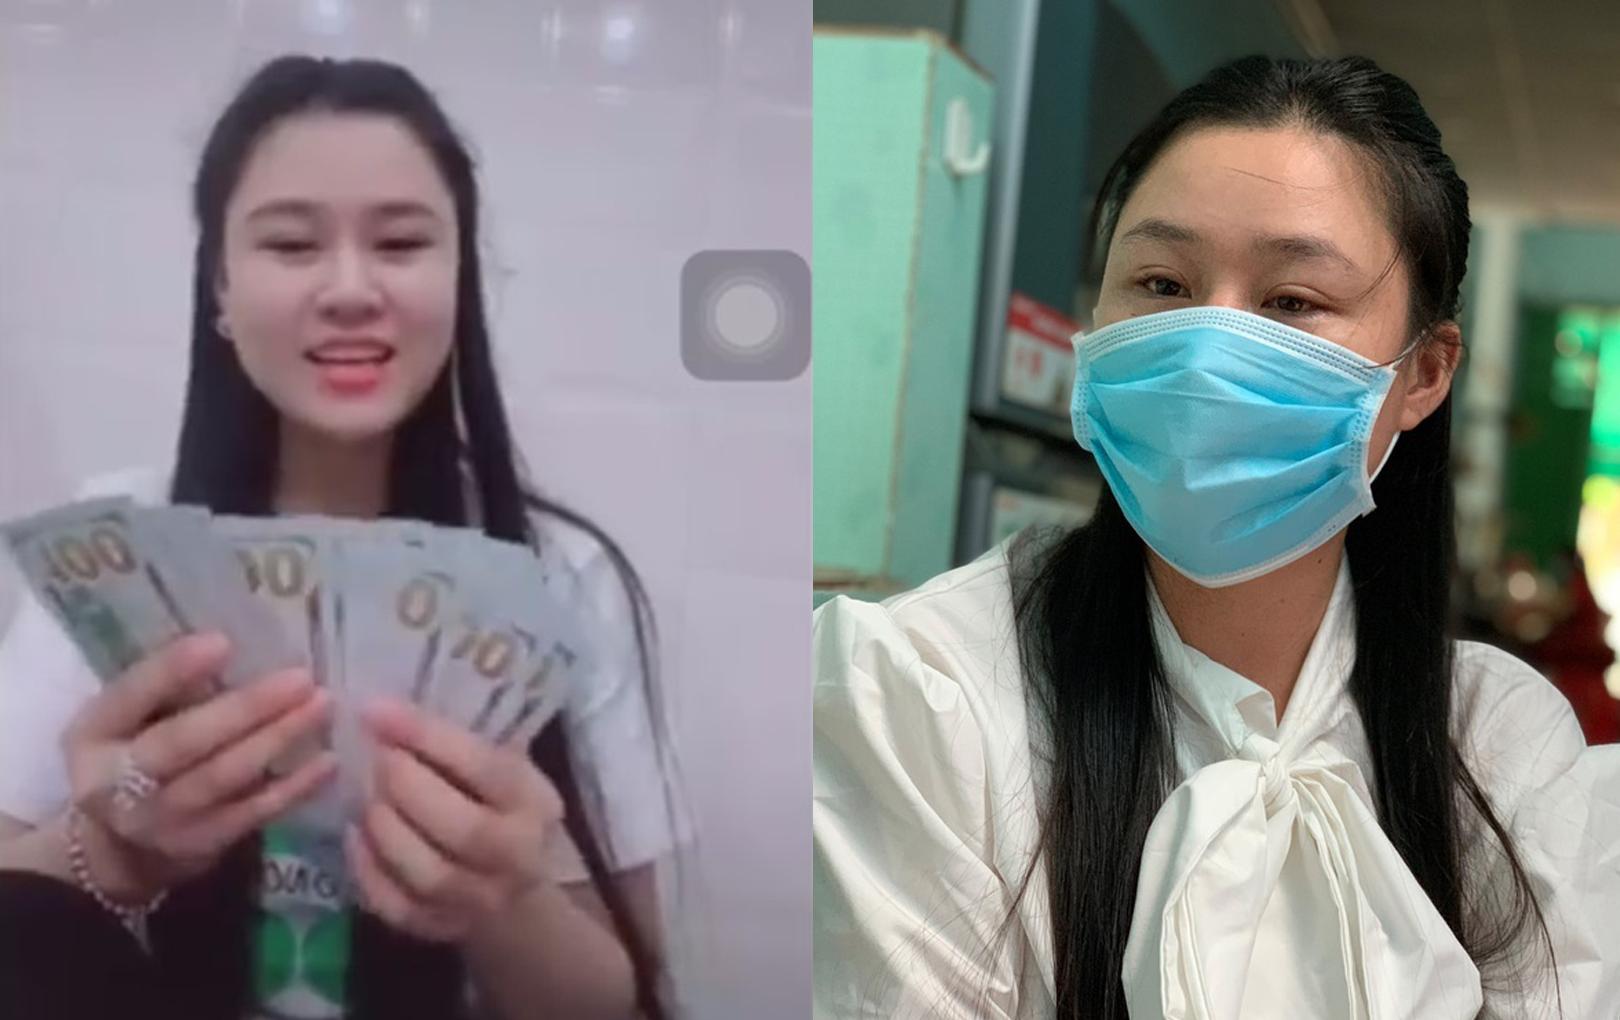 Vợ hai cố NS Vân Quang Long bị khui lại khoảnh khắc vui vẻ khoe tiền sau lùm xùm giả tạo, ham vật chất, xúc phạm chồng